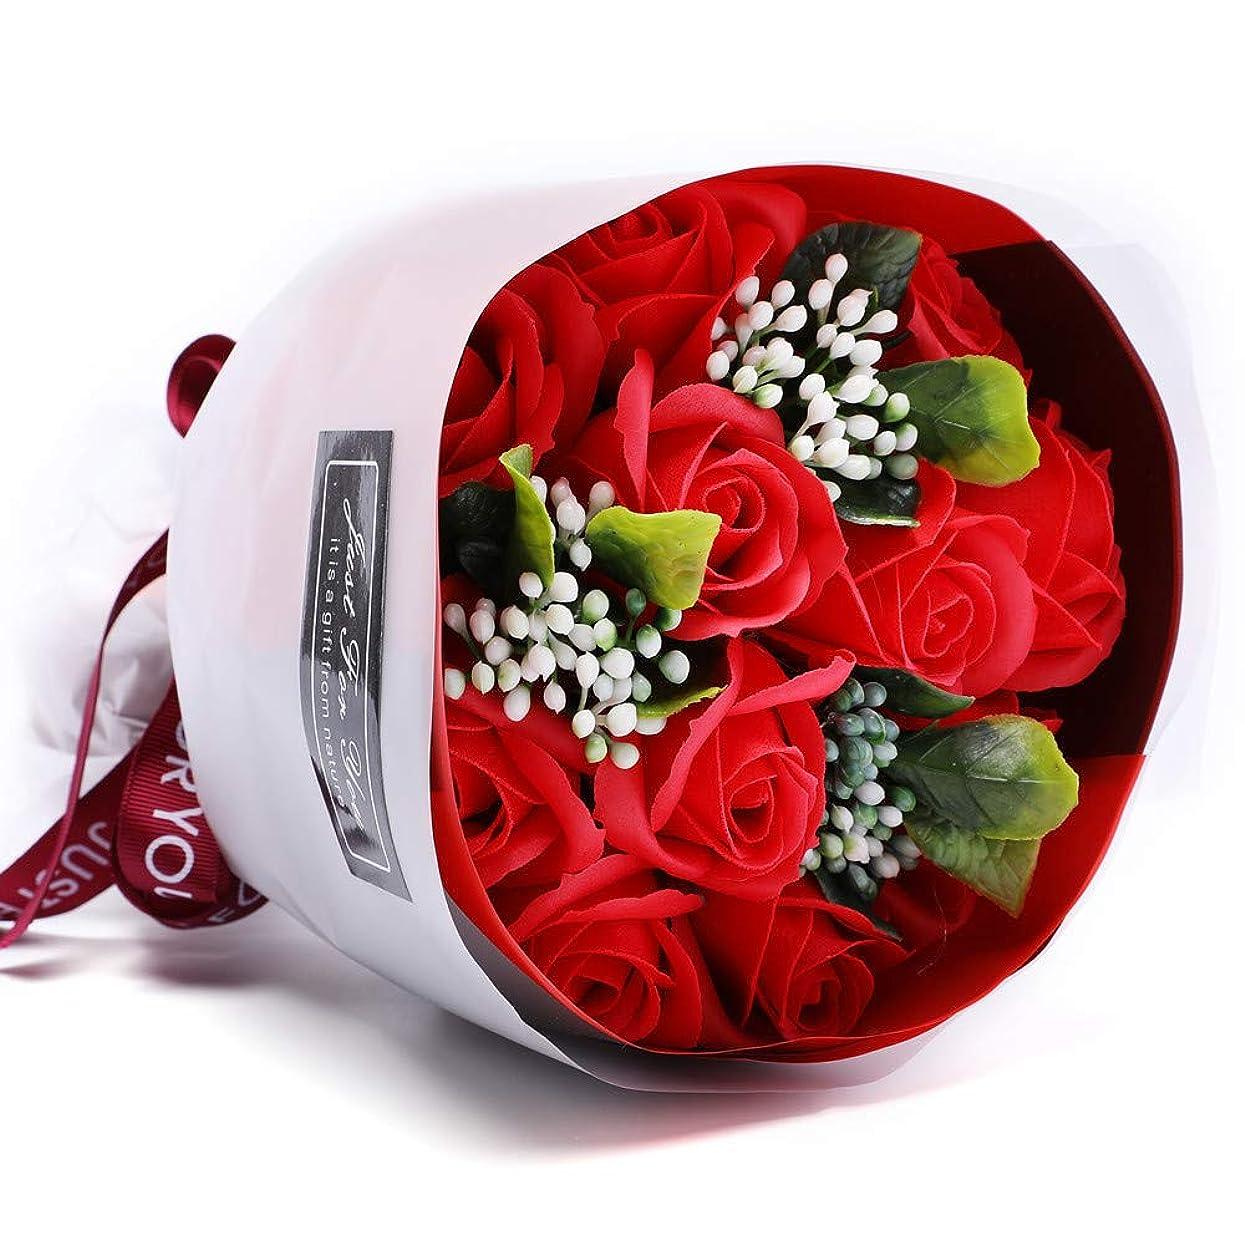 最後に無駄にいくつかの枯れない花 ソープフラワー 花束 造花 バラ 石鹸花 ギフト フレグランス シャボンフラワー 贈り物 お見舞い 母の日 お祝い 入学 卒業 結婚祝い 記念日 誕生日 プレゼント 女性(花11輪)(レッド)